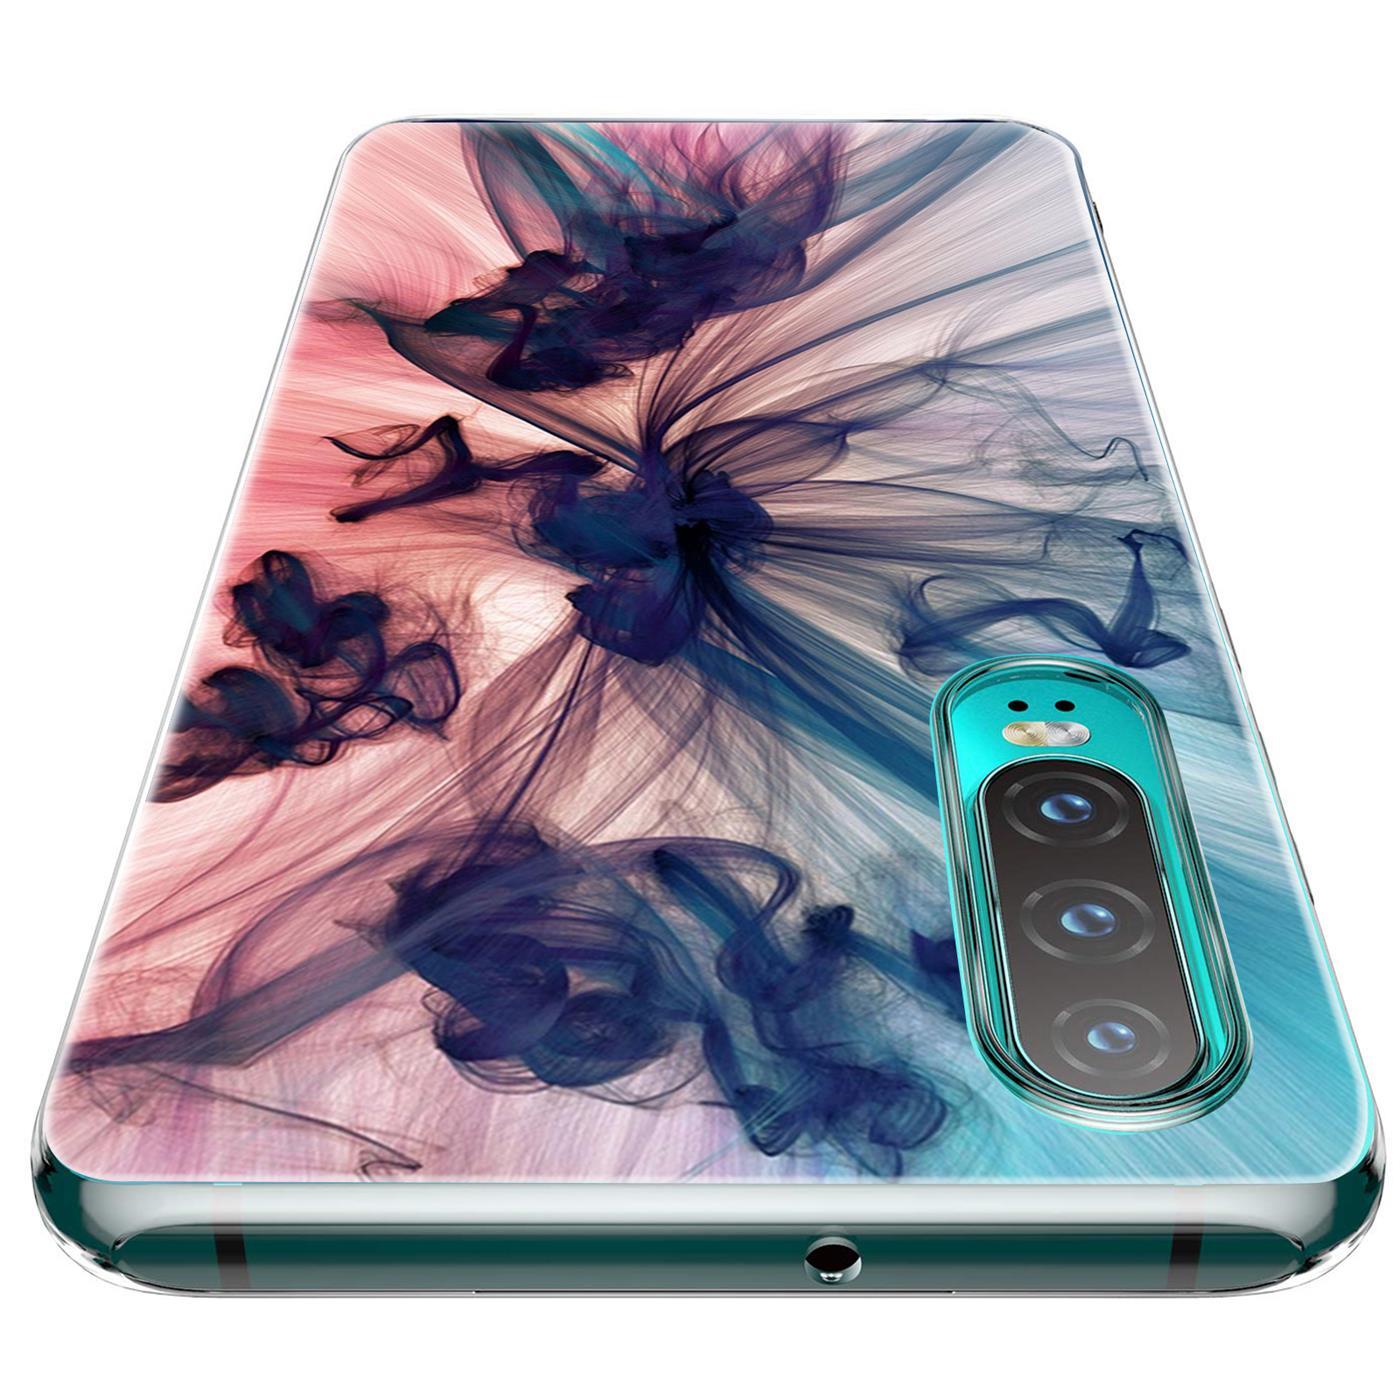 Huawei-P30-Lite-Motiv-Handy-Huelle-Silikon-Tasche-Schutzhuelle-Cover-Slim-TPU-Case Indexbild 16